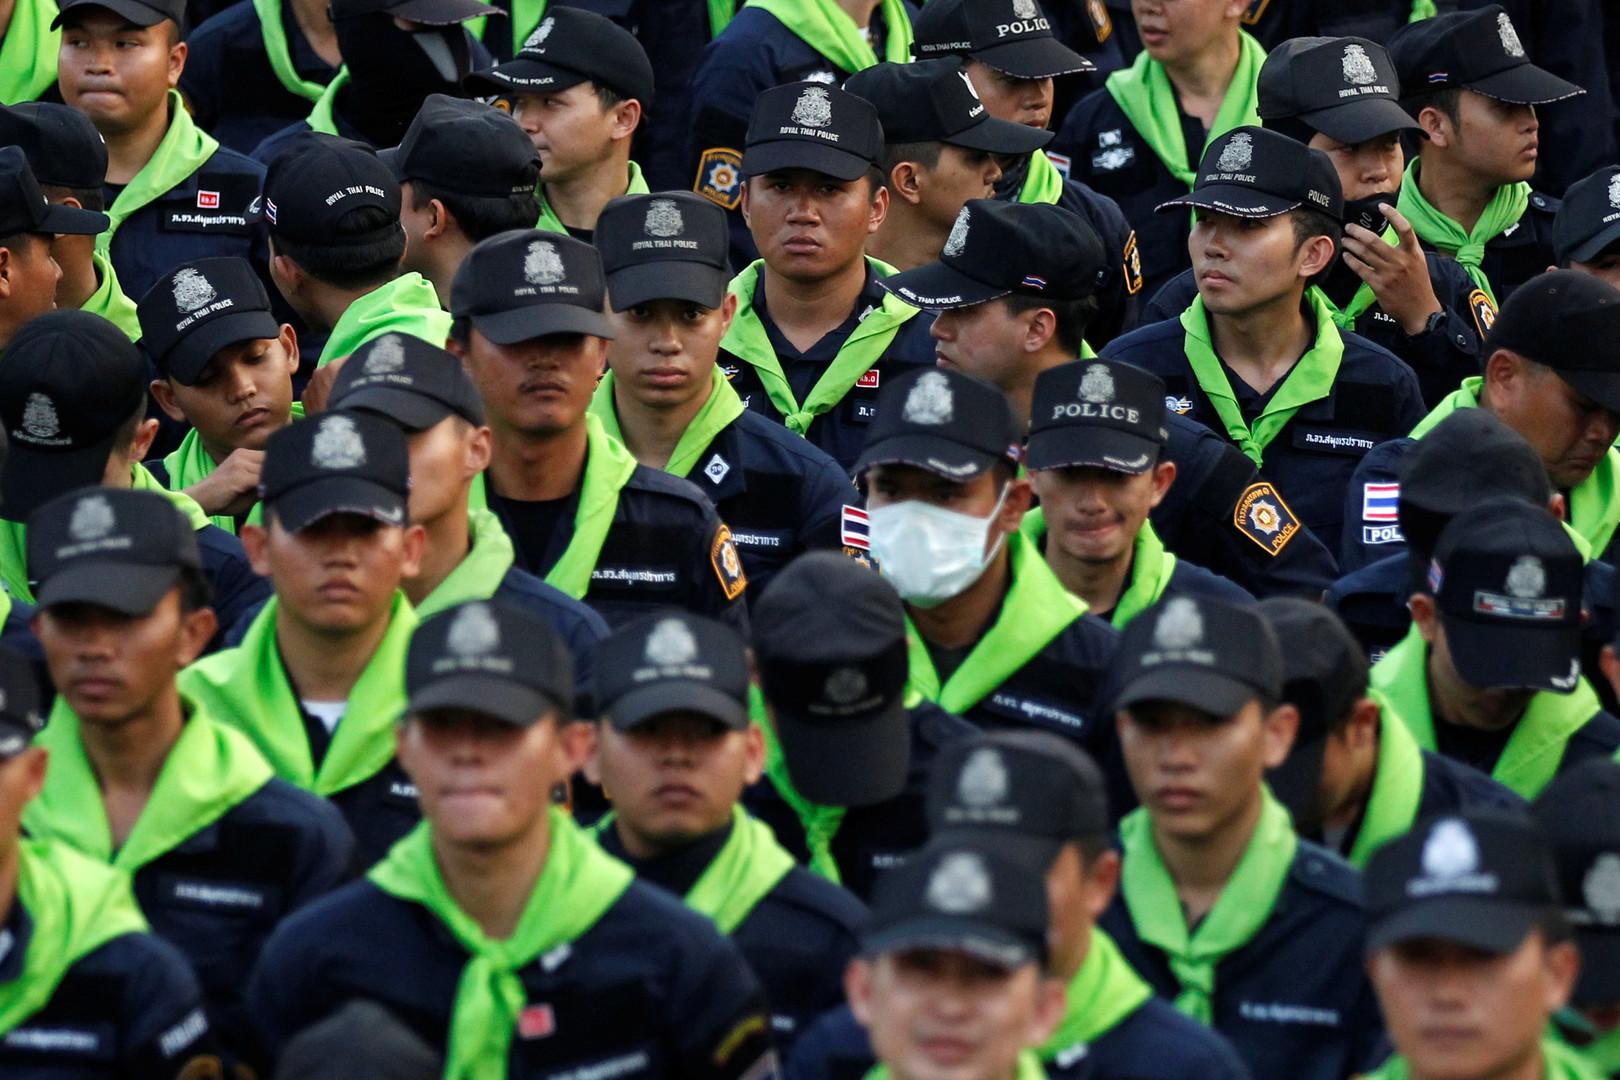 Die Polizei versucht den 72-jährigen Mönch Phra Dhammachayo seit mehreren Monaten zu verhaften. Der Konflikt hat vor kurzem eine neue Ebene erreicht.